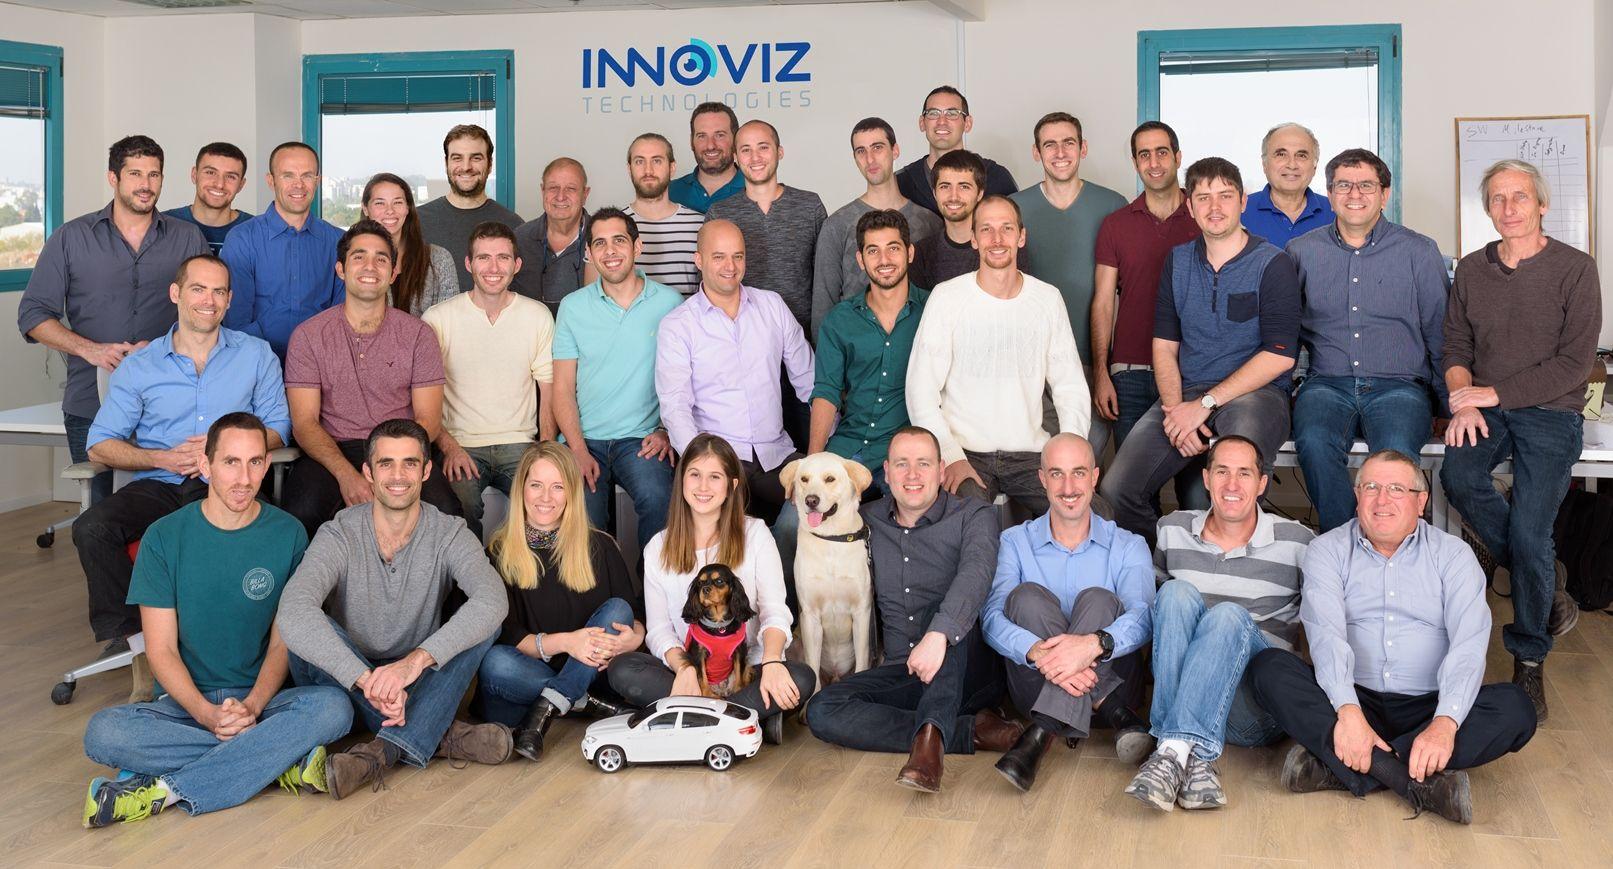 The Innoviz team (Courtesy of Innoviz)